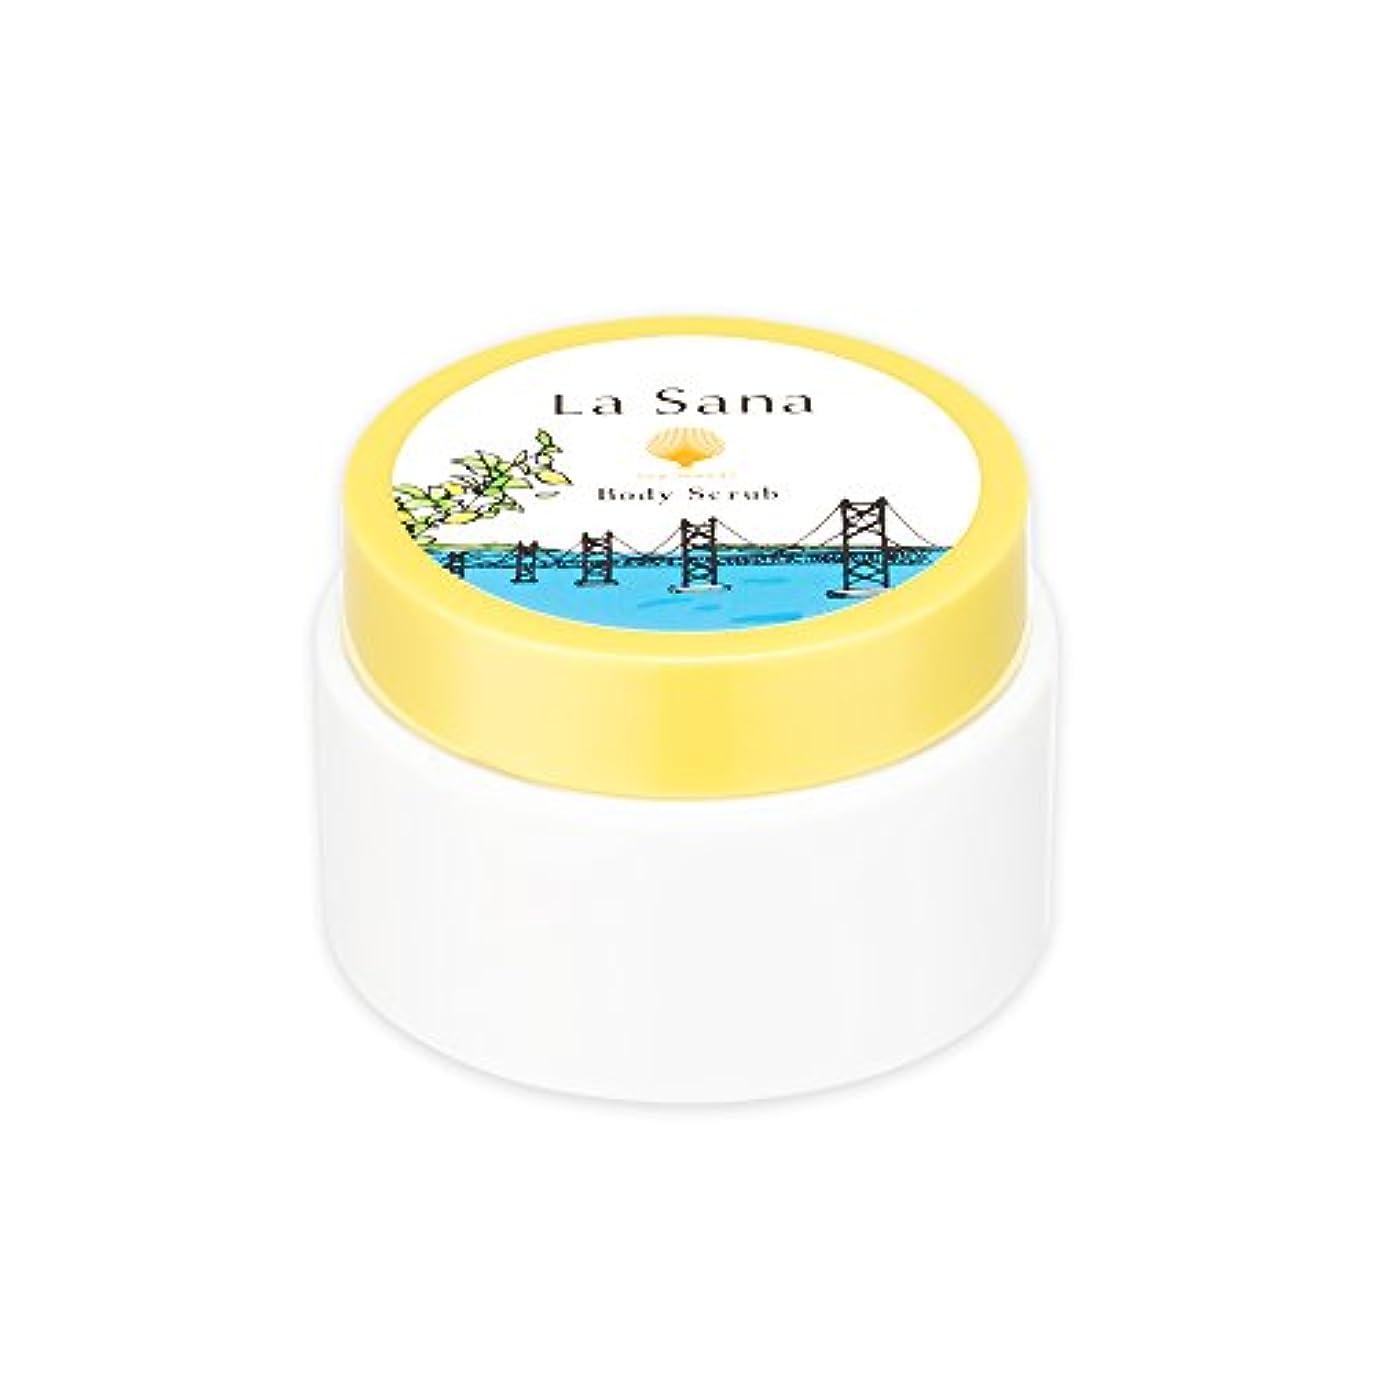 手当告白するスカープラサーナ La sana 海藻 ボディ スクラブ 100g 限定 瀬戸内レモンの香り ボディケア 日本製 (約1ヵ月分)